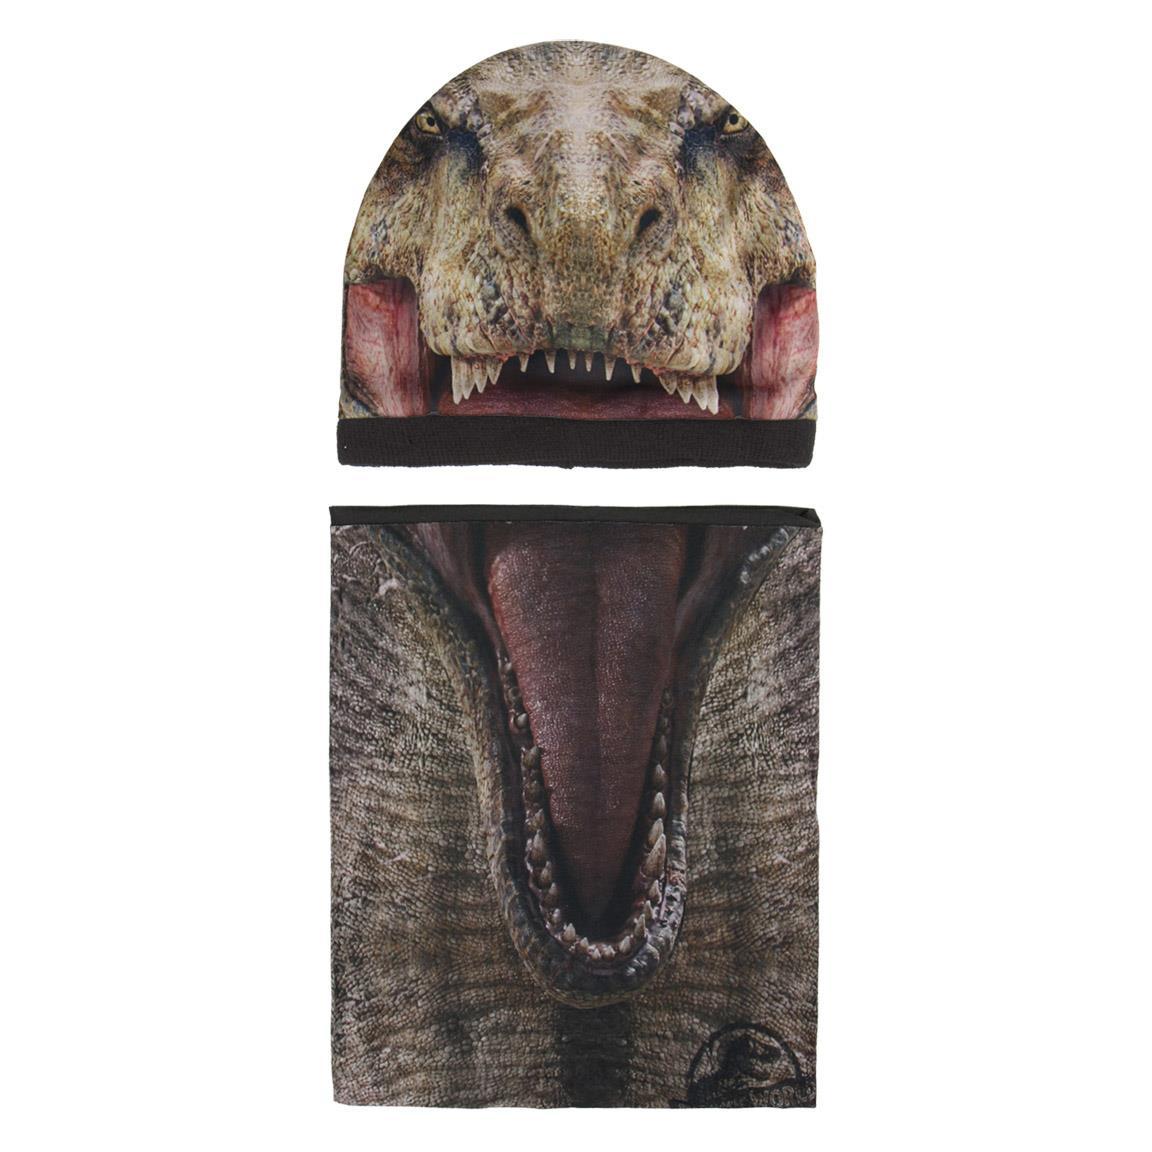 Komplet: czapka jesienna / zimowa i komin Jurassic Park - Park Jurajski